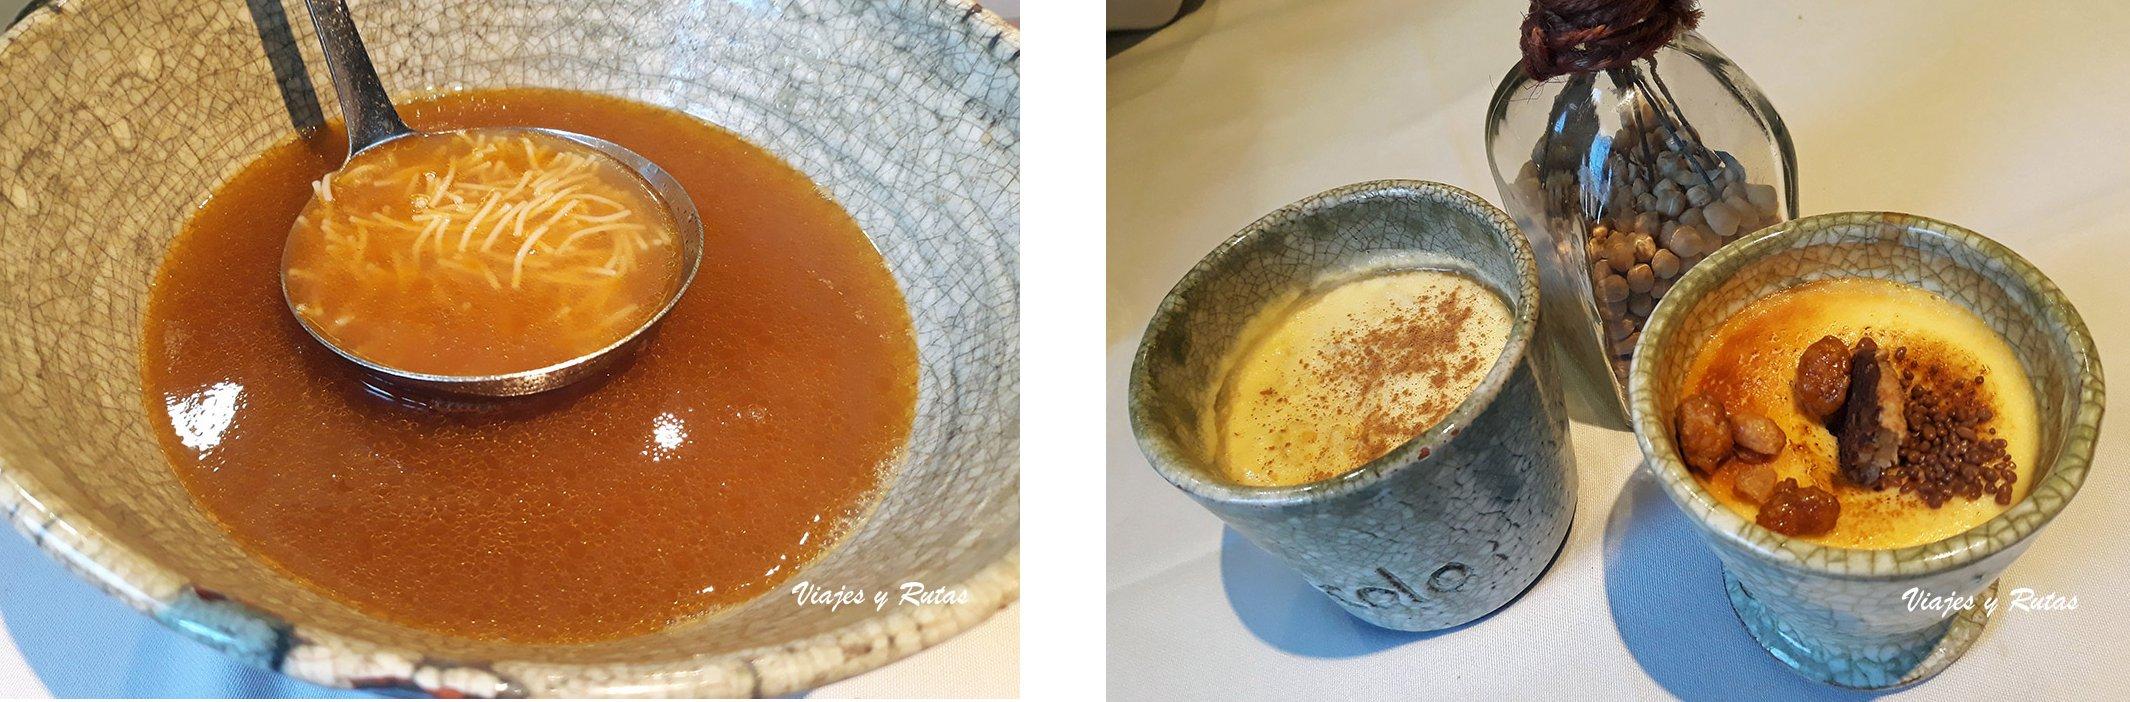 Cocido de Castrillo de los Polvazares, León